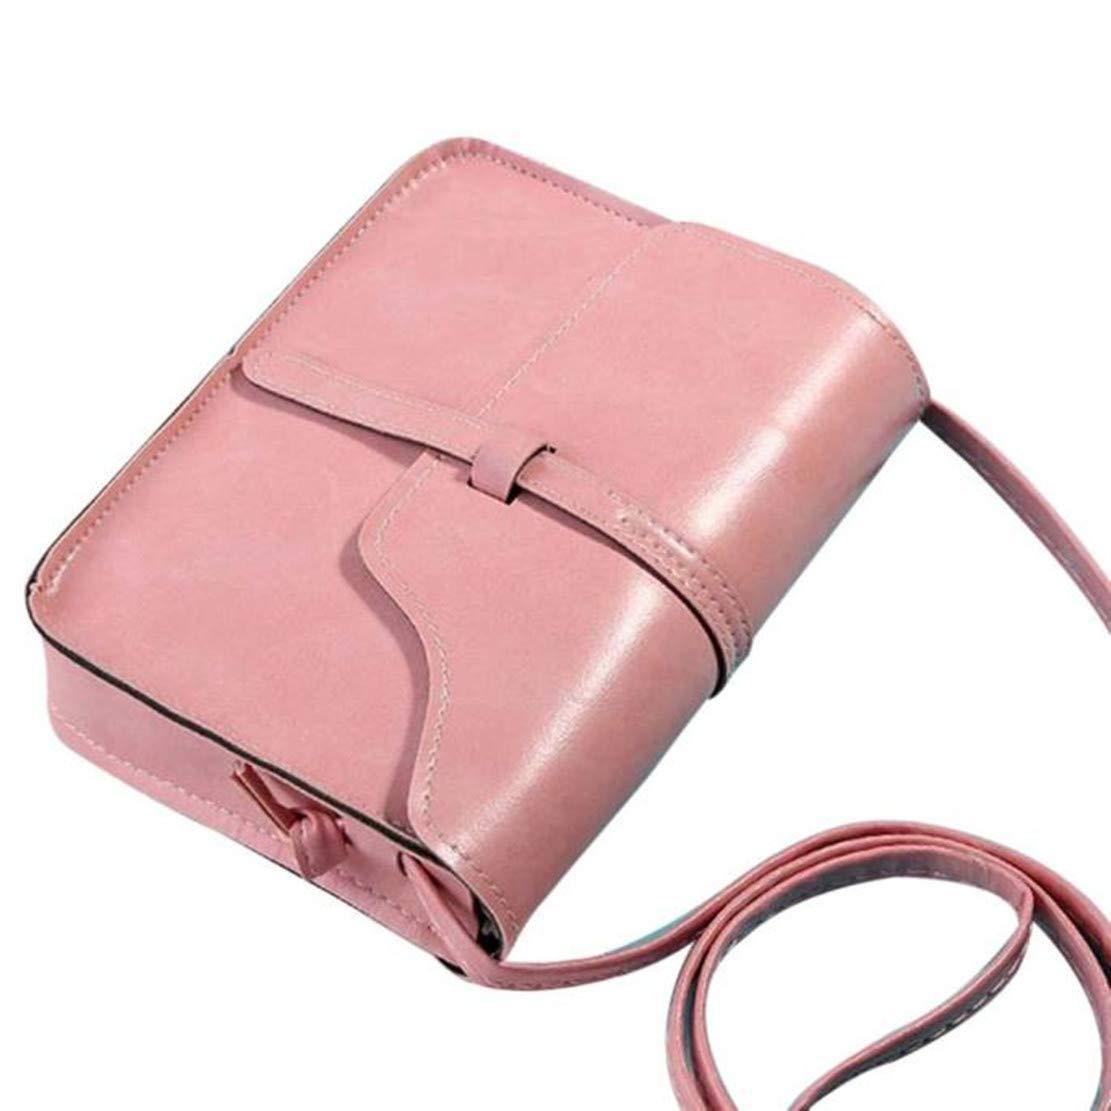 WEUIE Vintage Purse Bag Leather Cross Body Shoulder Messenger Bag PK/Pink